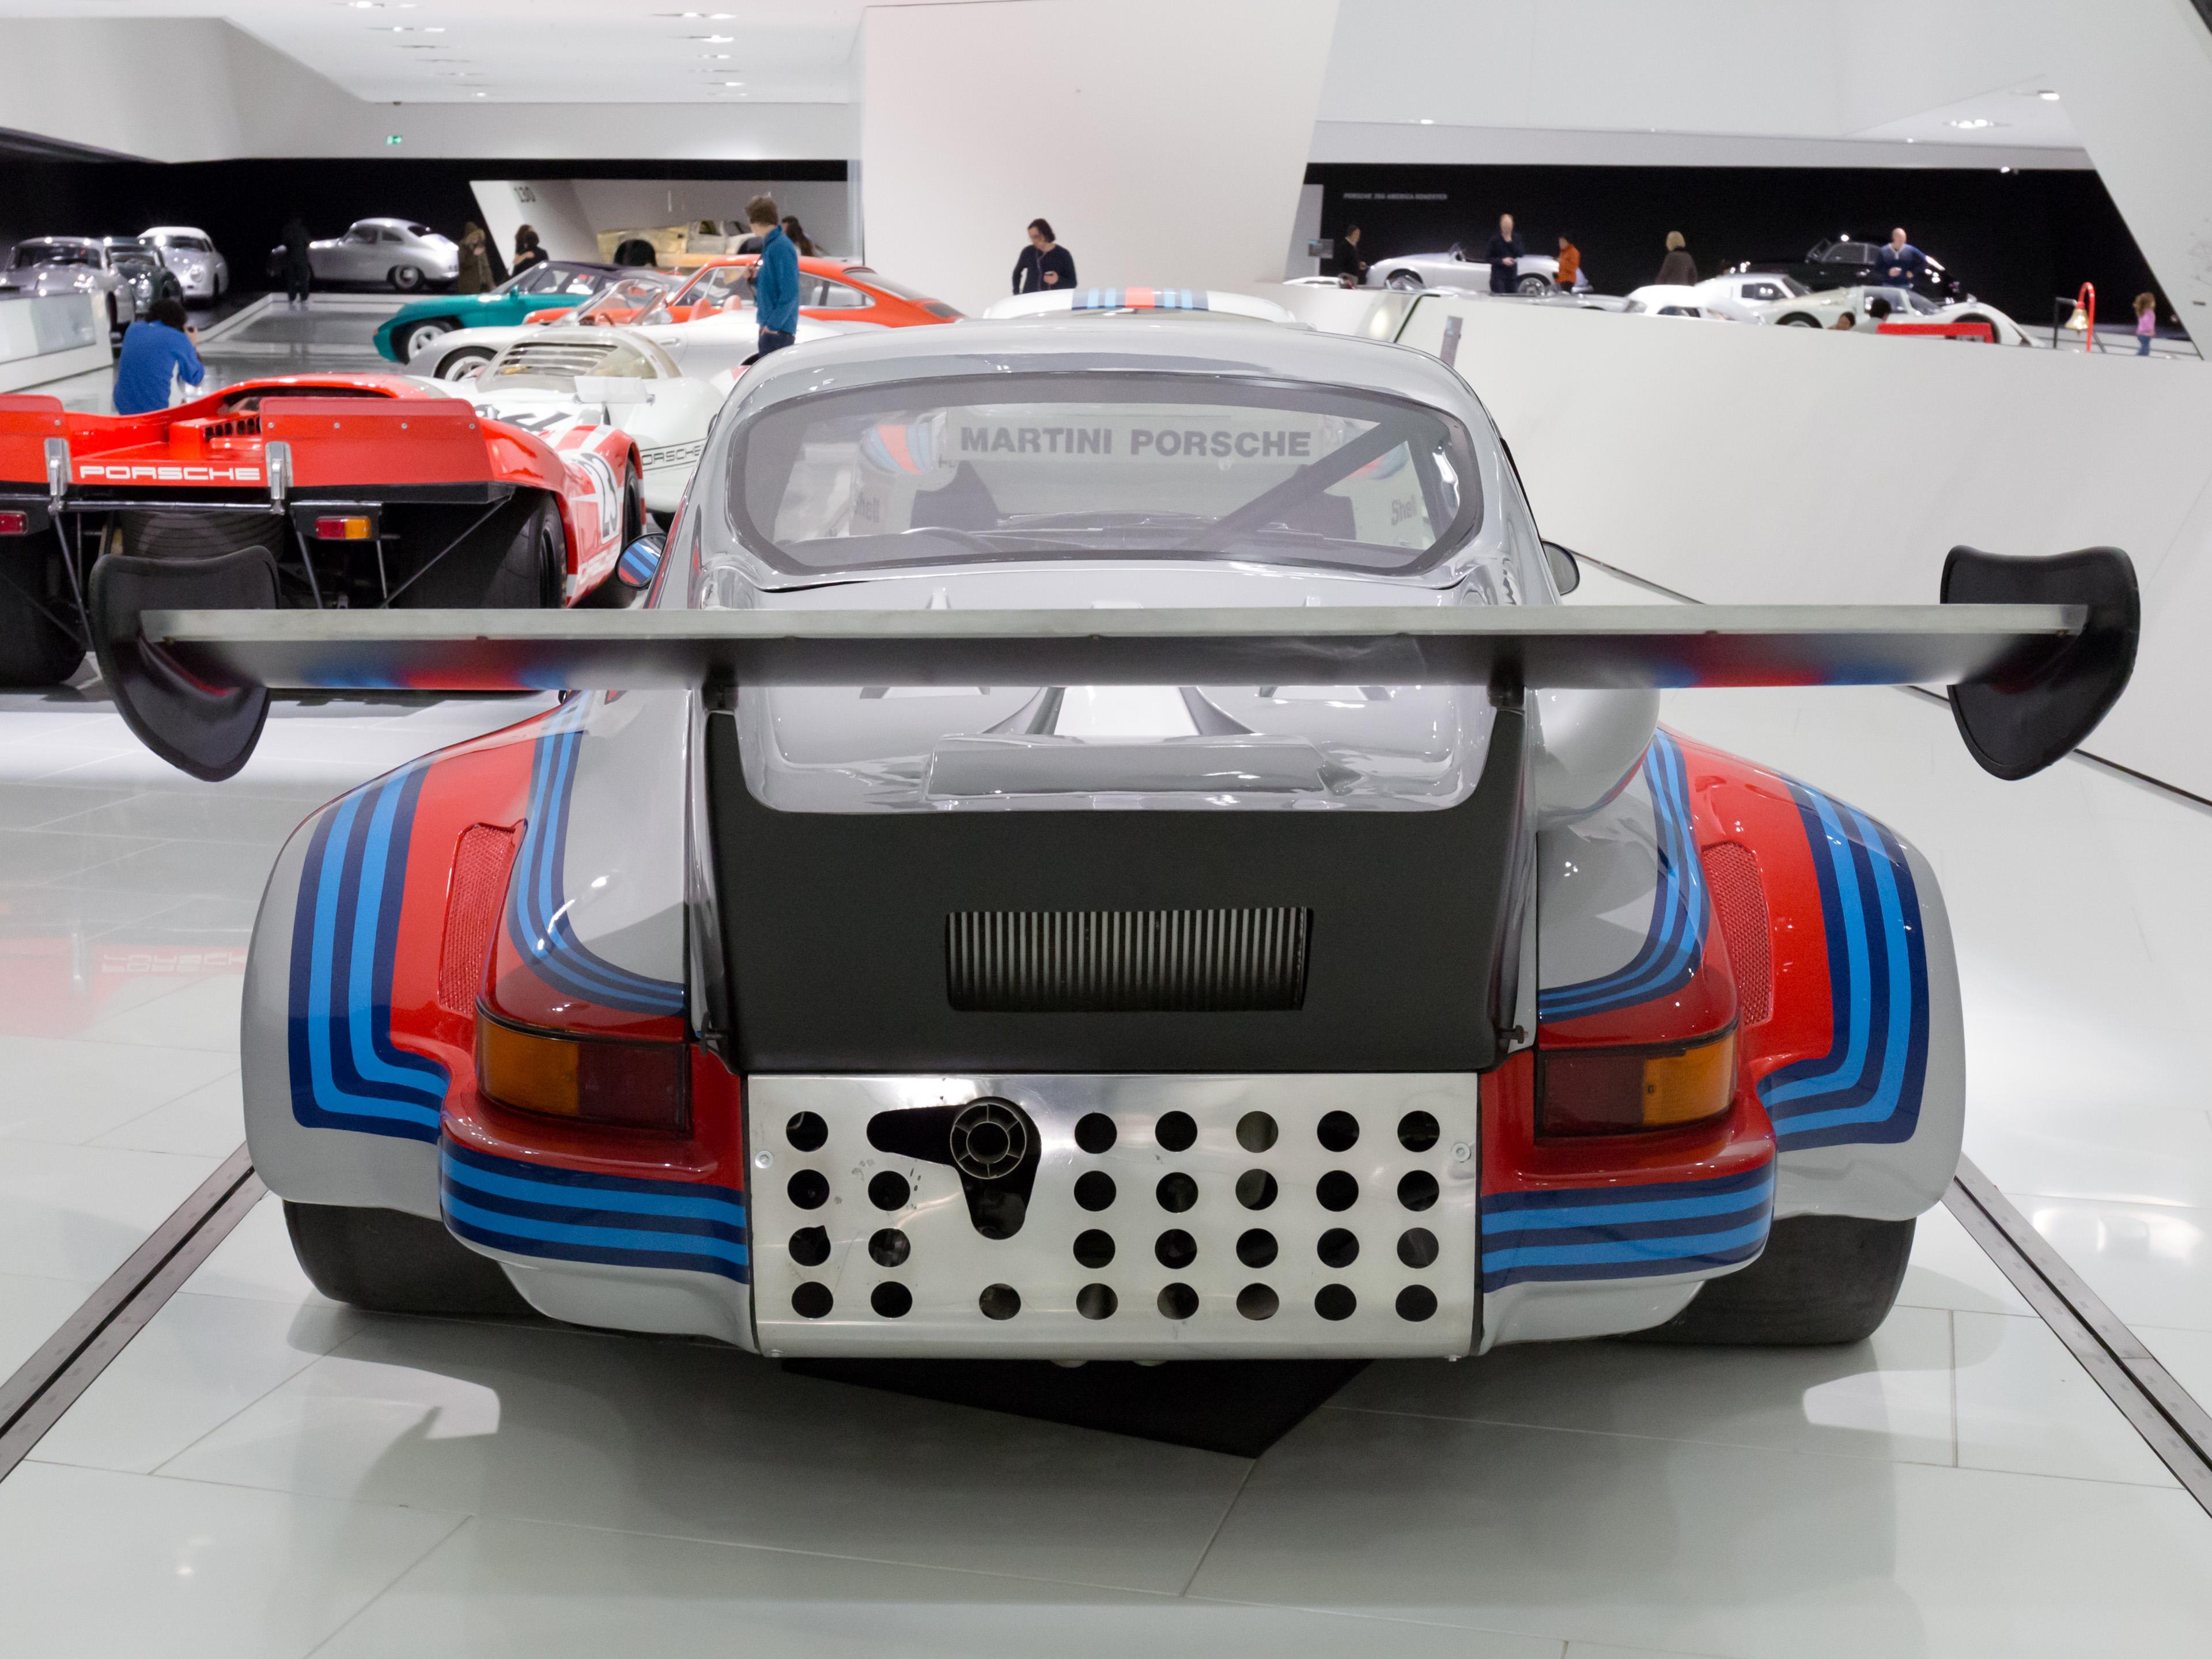 Porsche_911_Carrera_RSR_Turbo_rear_Porsche_Museum.jpg